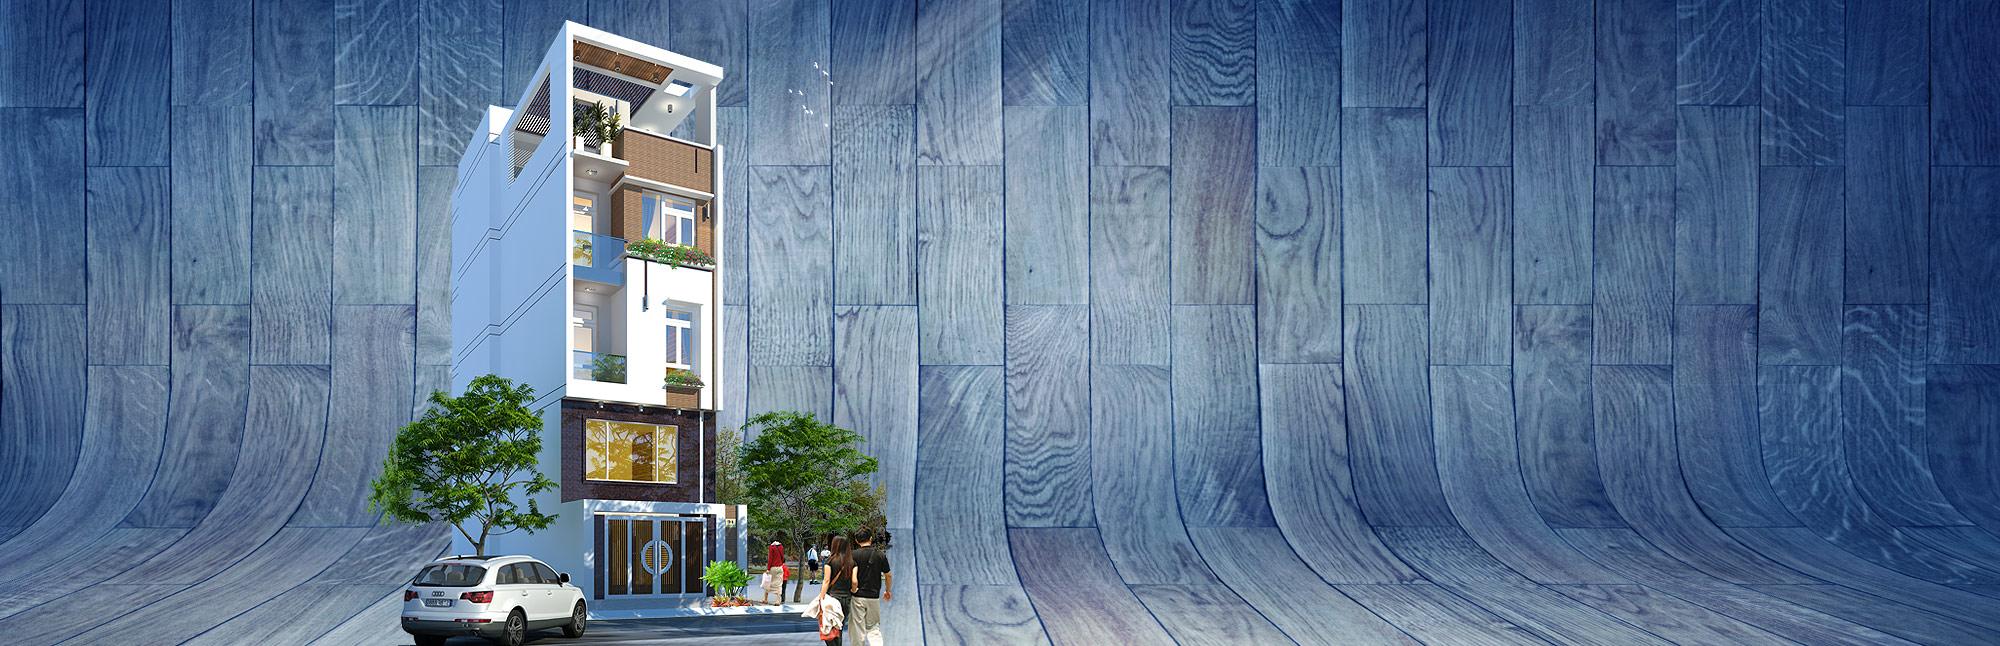 Thiết kế nhà phố đẹp 2017